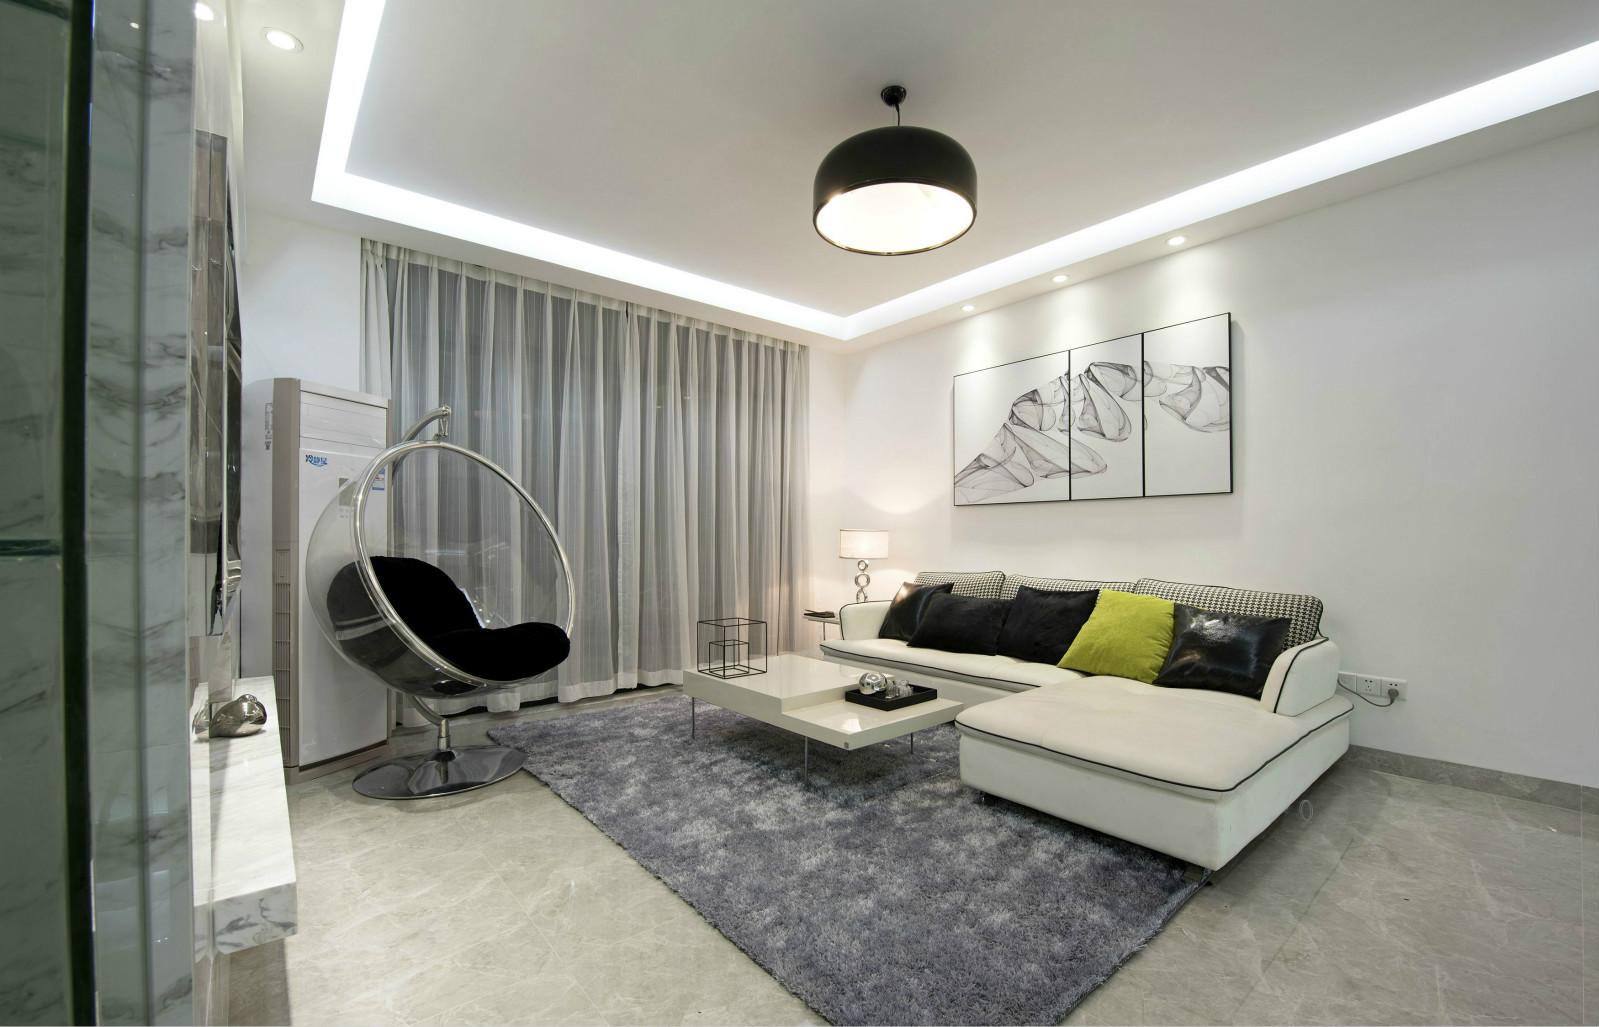 客厅中放置着清晰线条的深白色转角座沙发,内敛而简约。